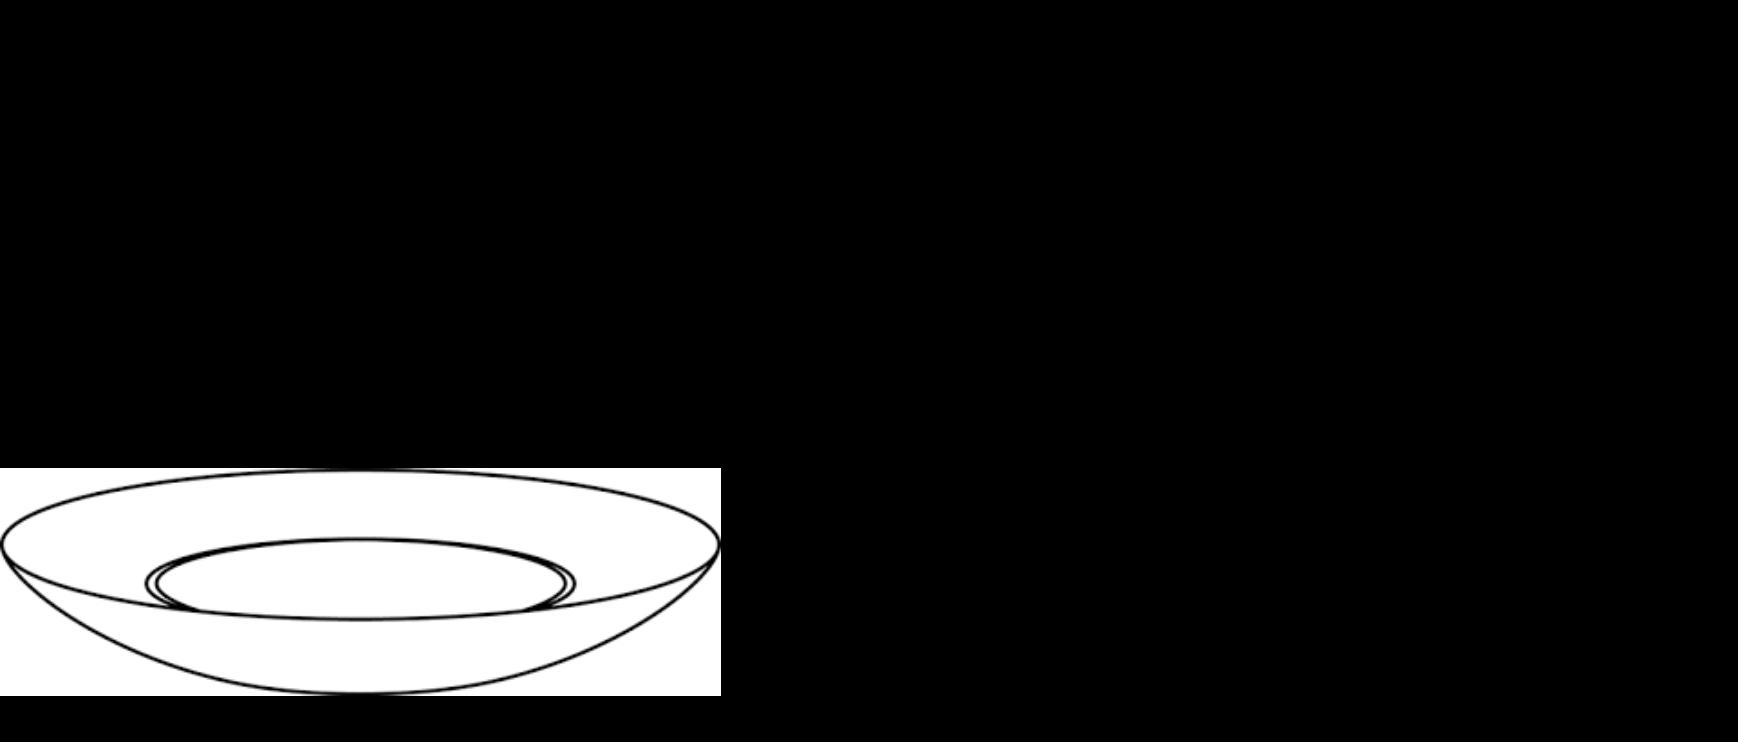 image4315-1